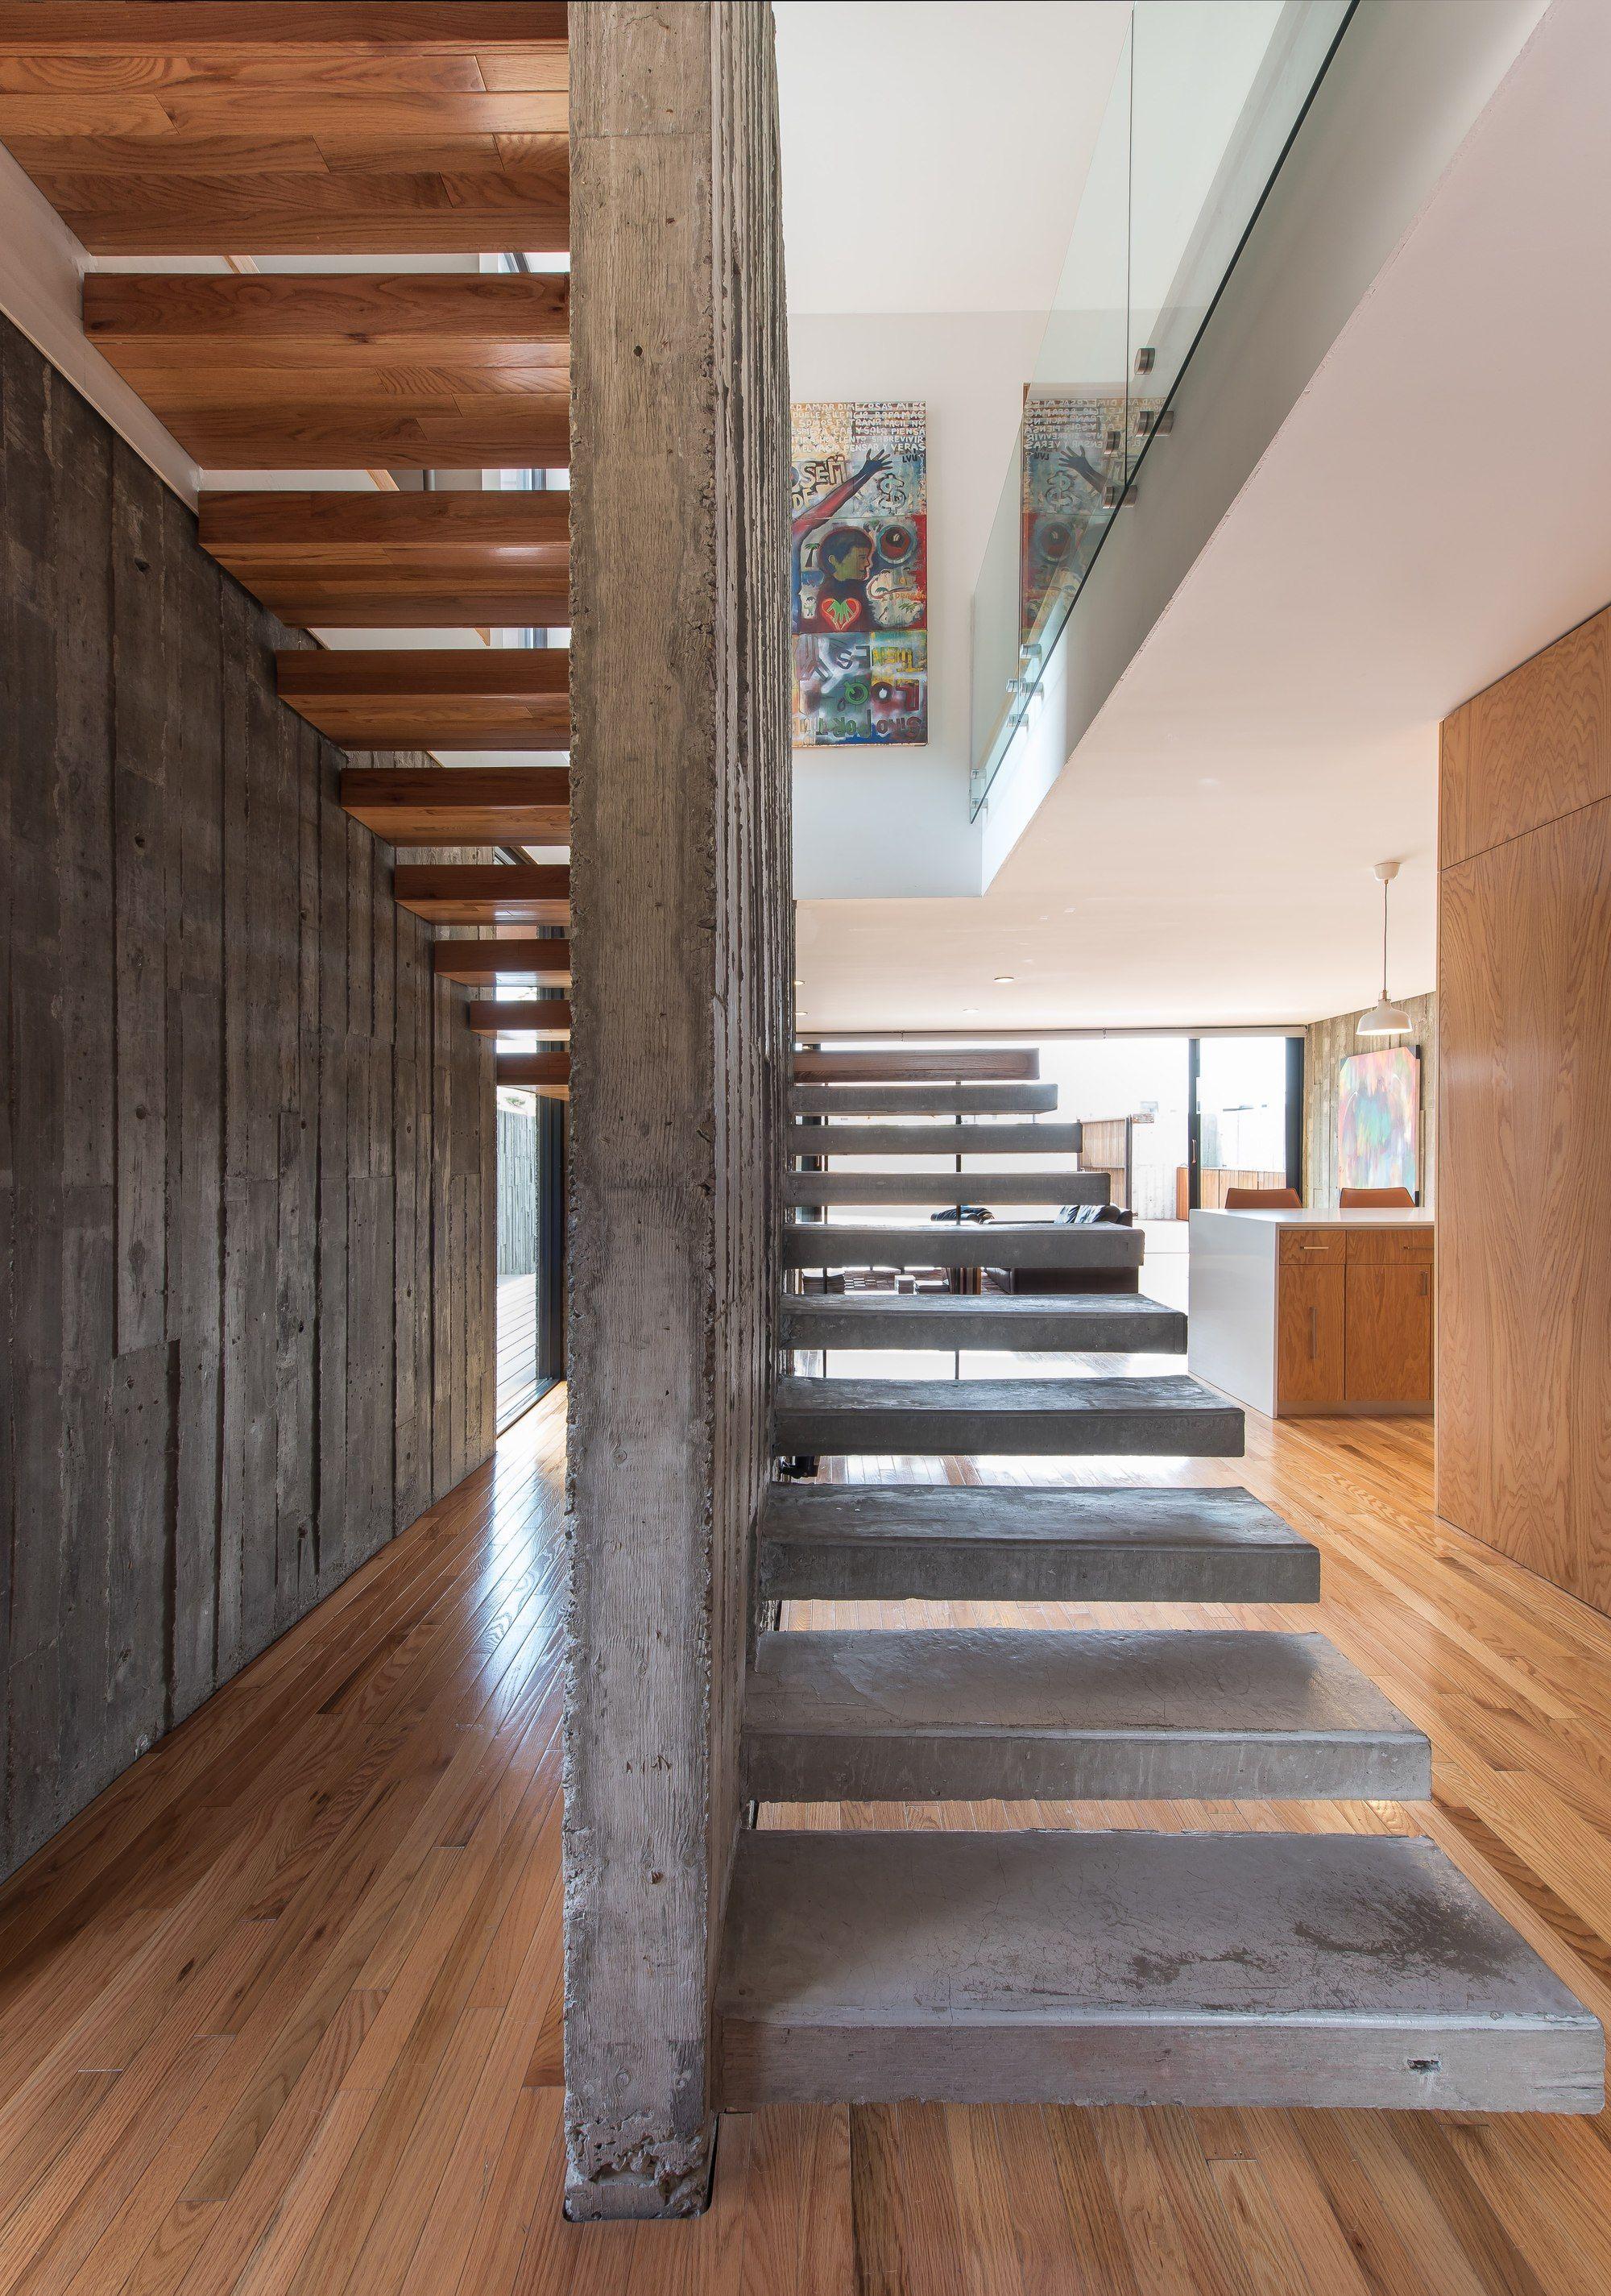 Arquitectura Casas Escaleras Exteriores Arquitectura